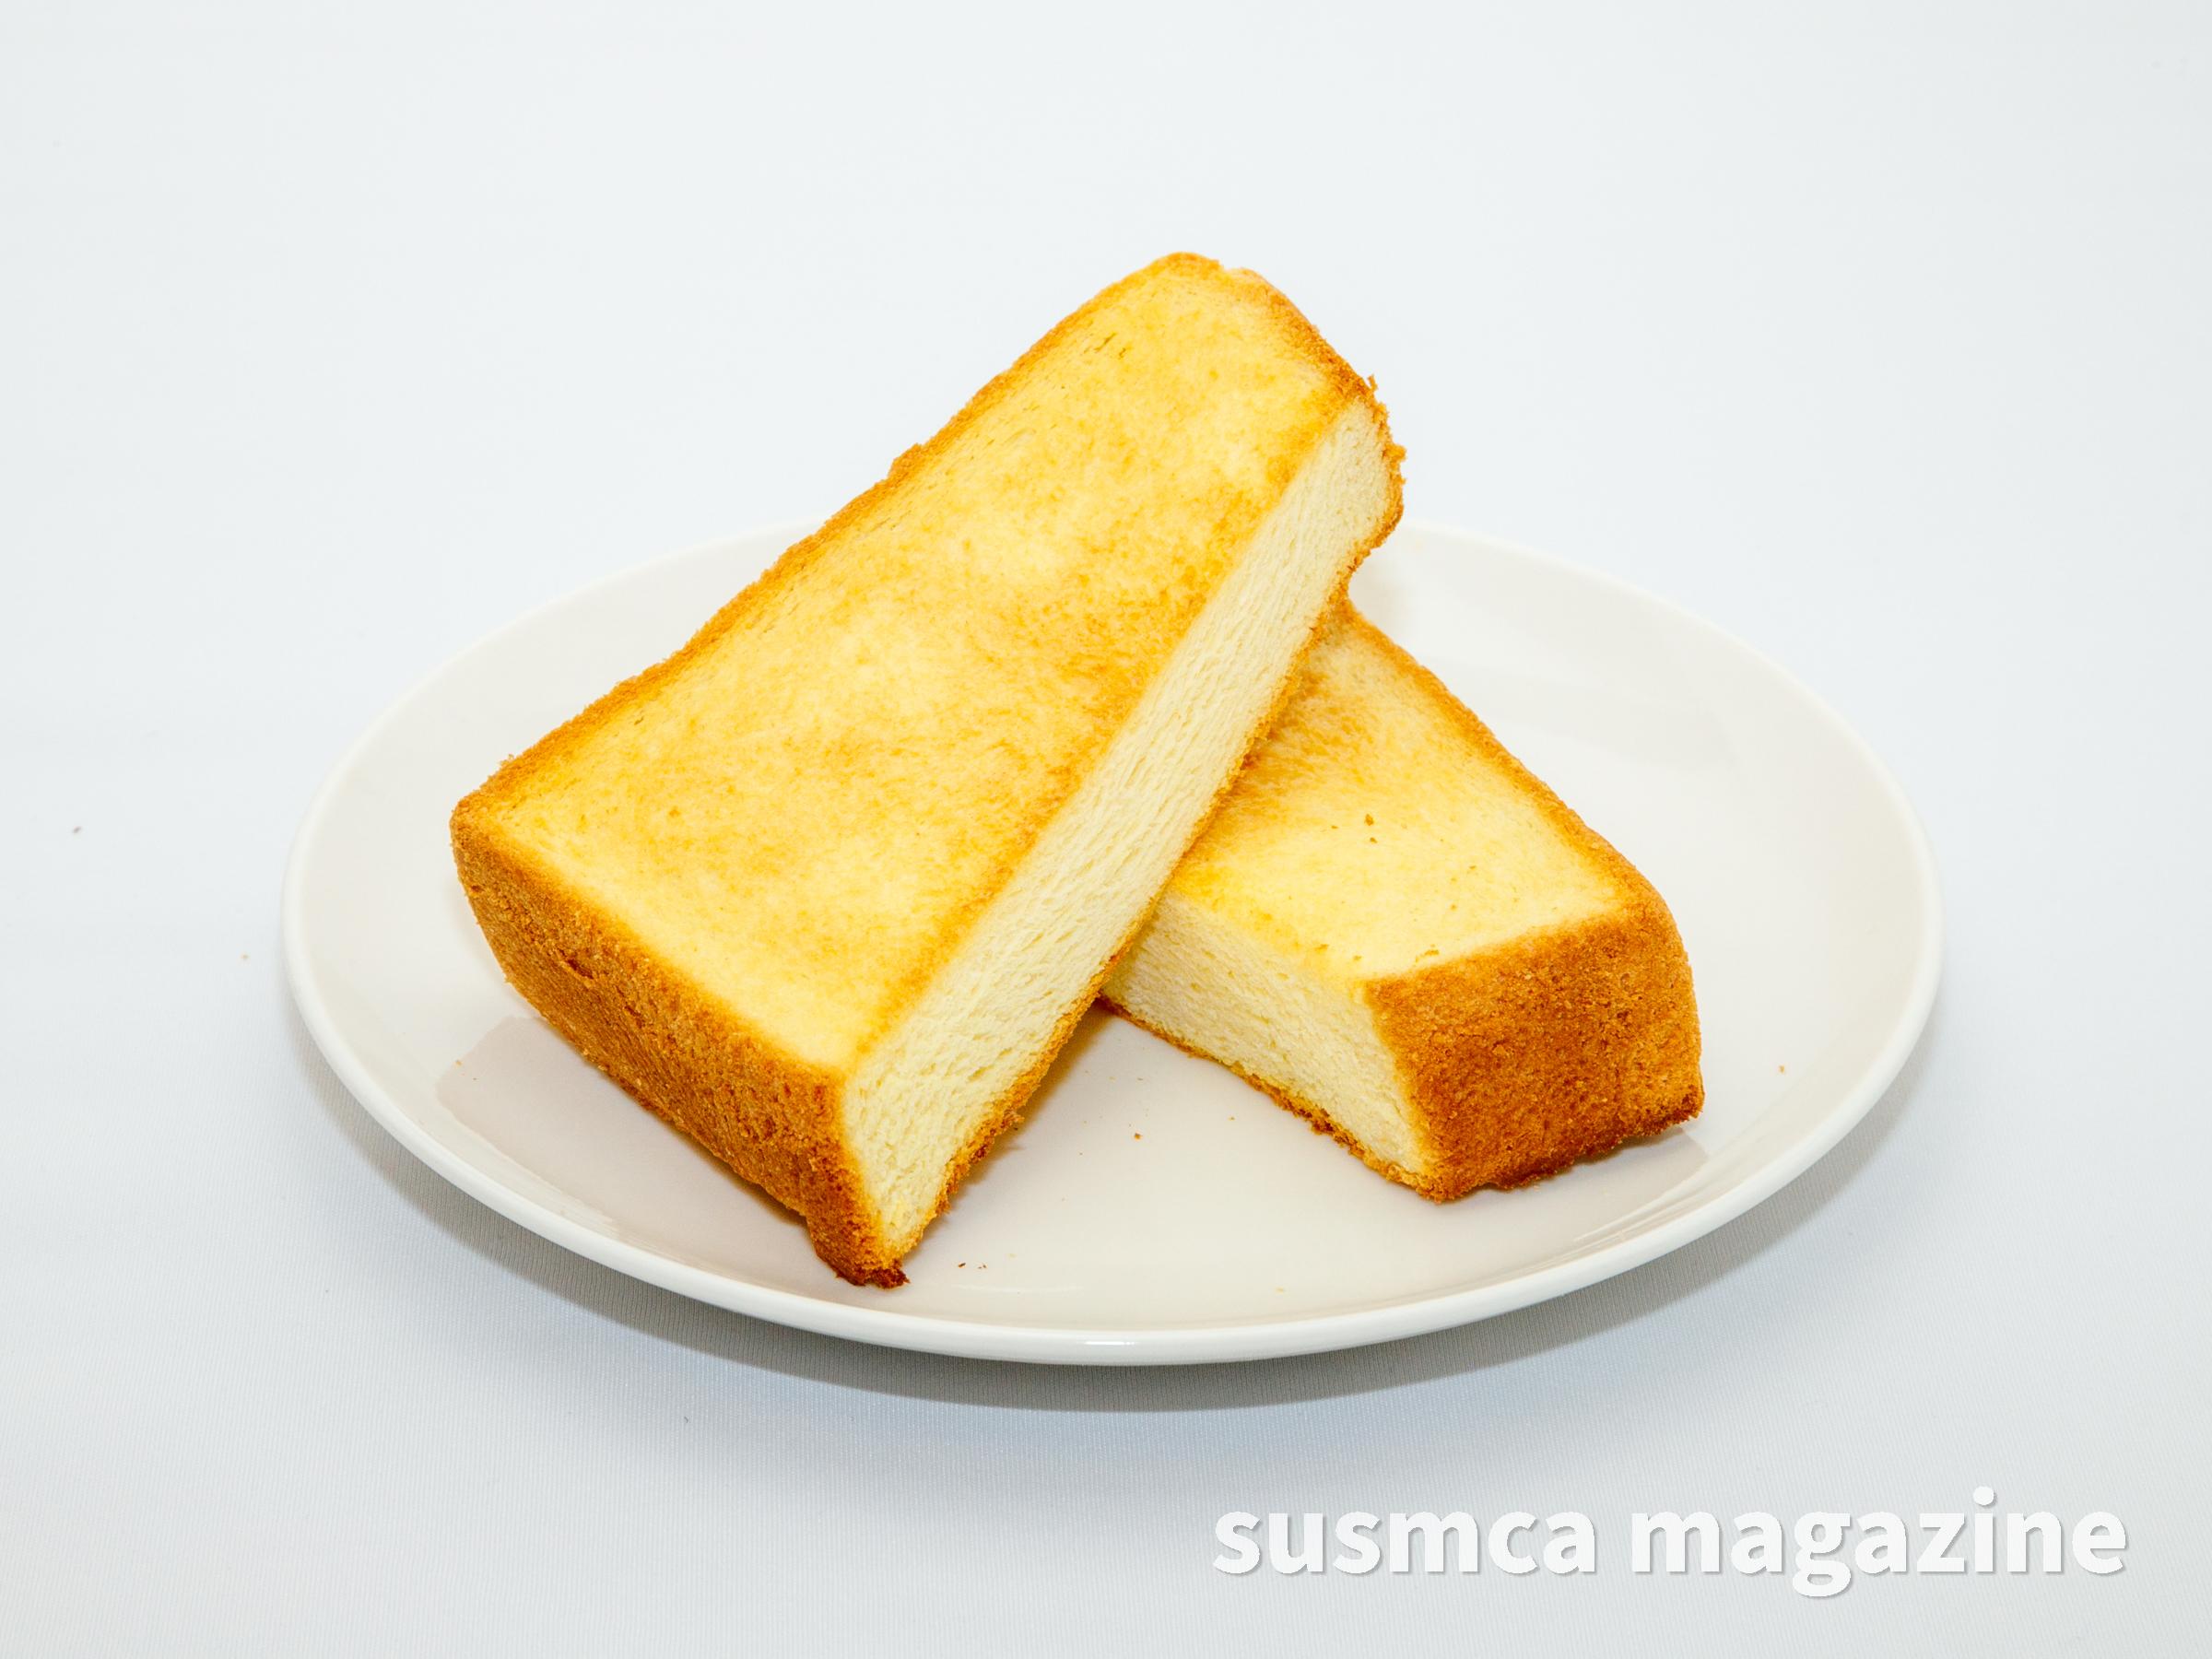 《モス》 予約制の高級食パンを食べてみたら本当に「バターなんていらないかも」だった